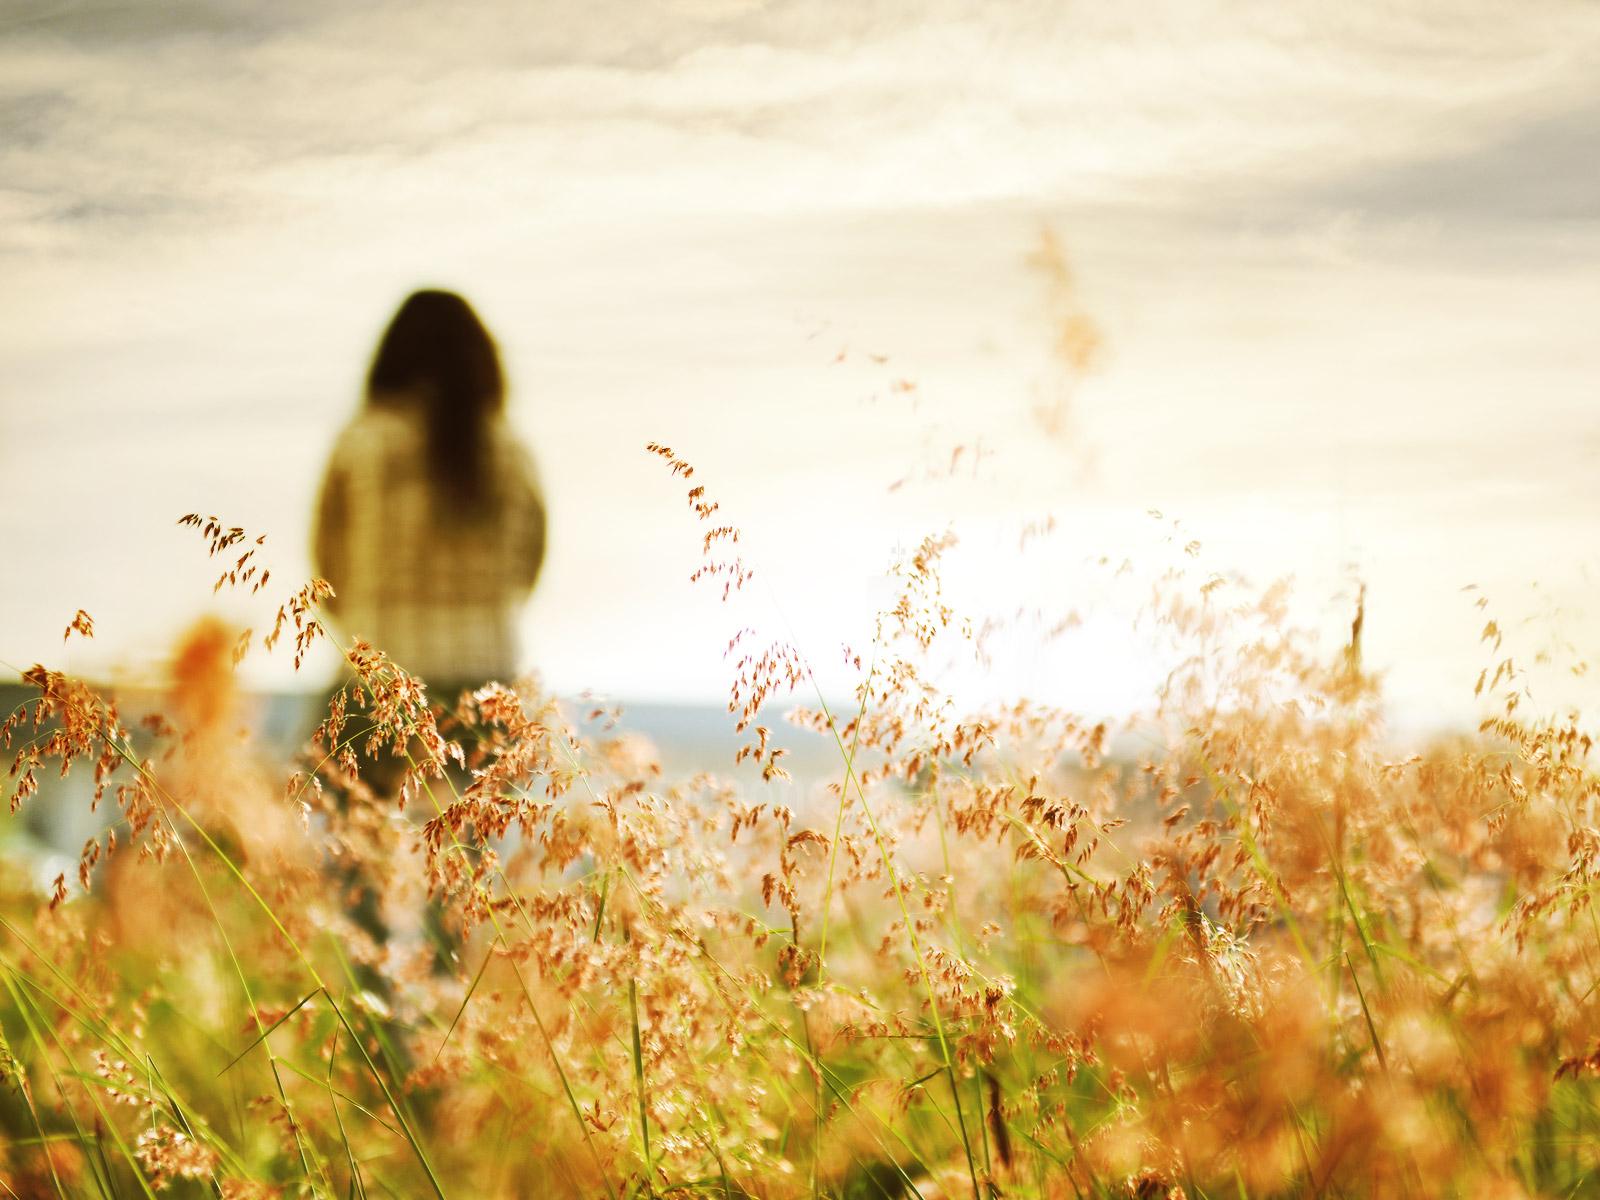 Mensagem De Encorajamento De Deus: Faça O Possível Para Que Deus Possa Fazer O Impossível